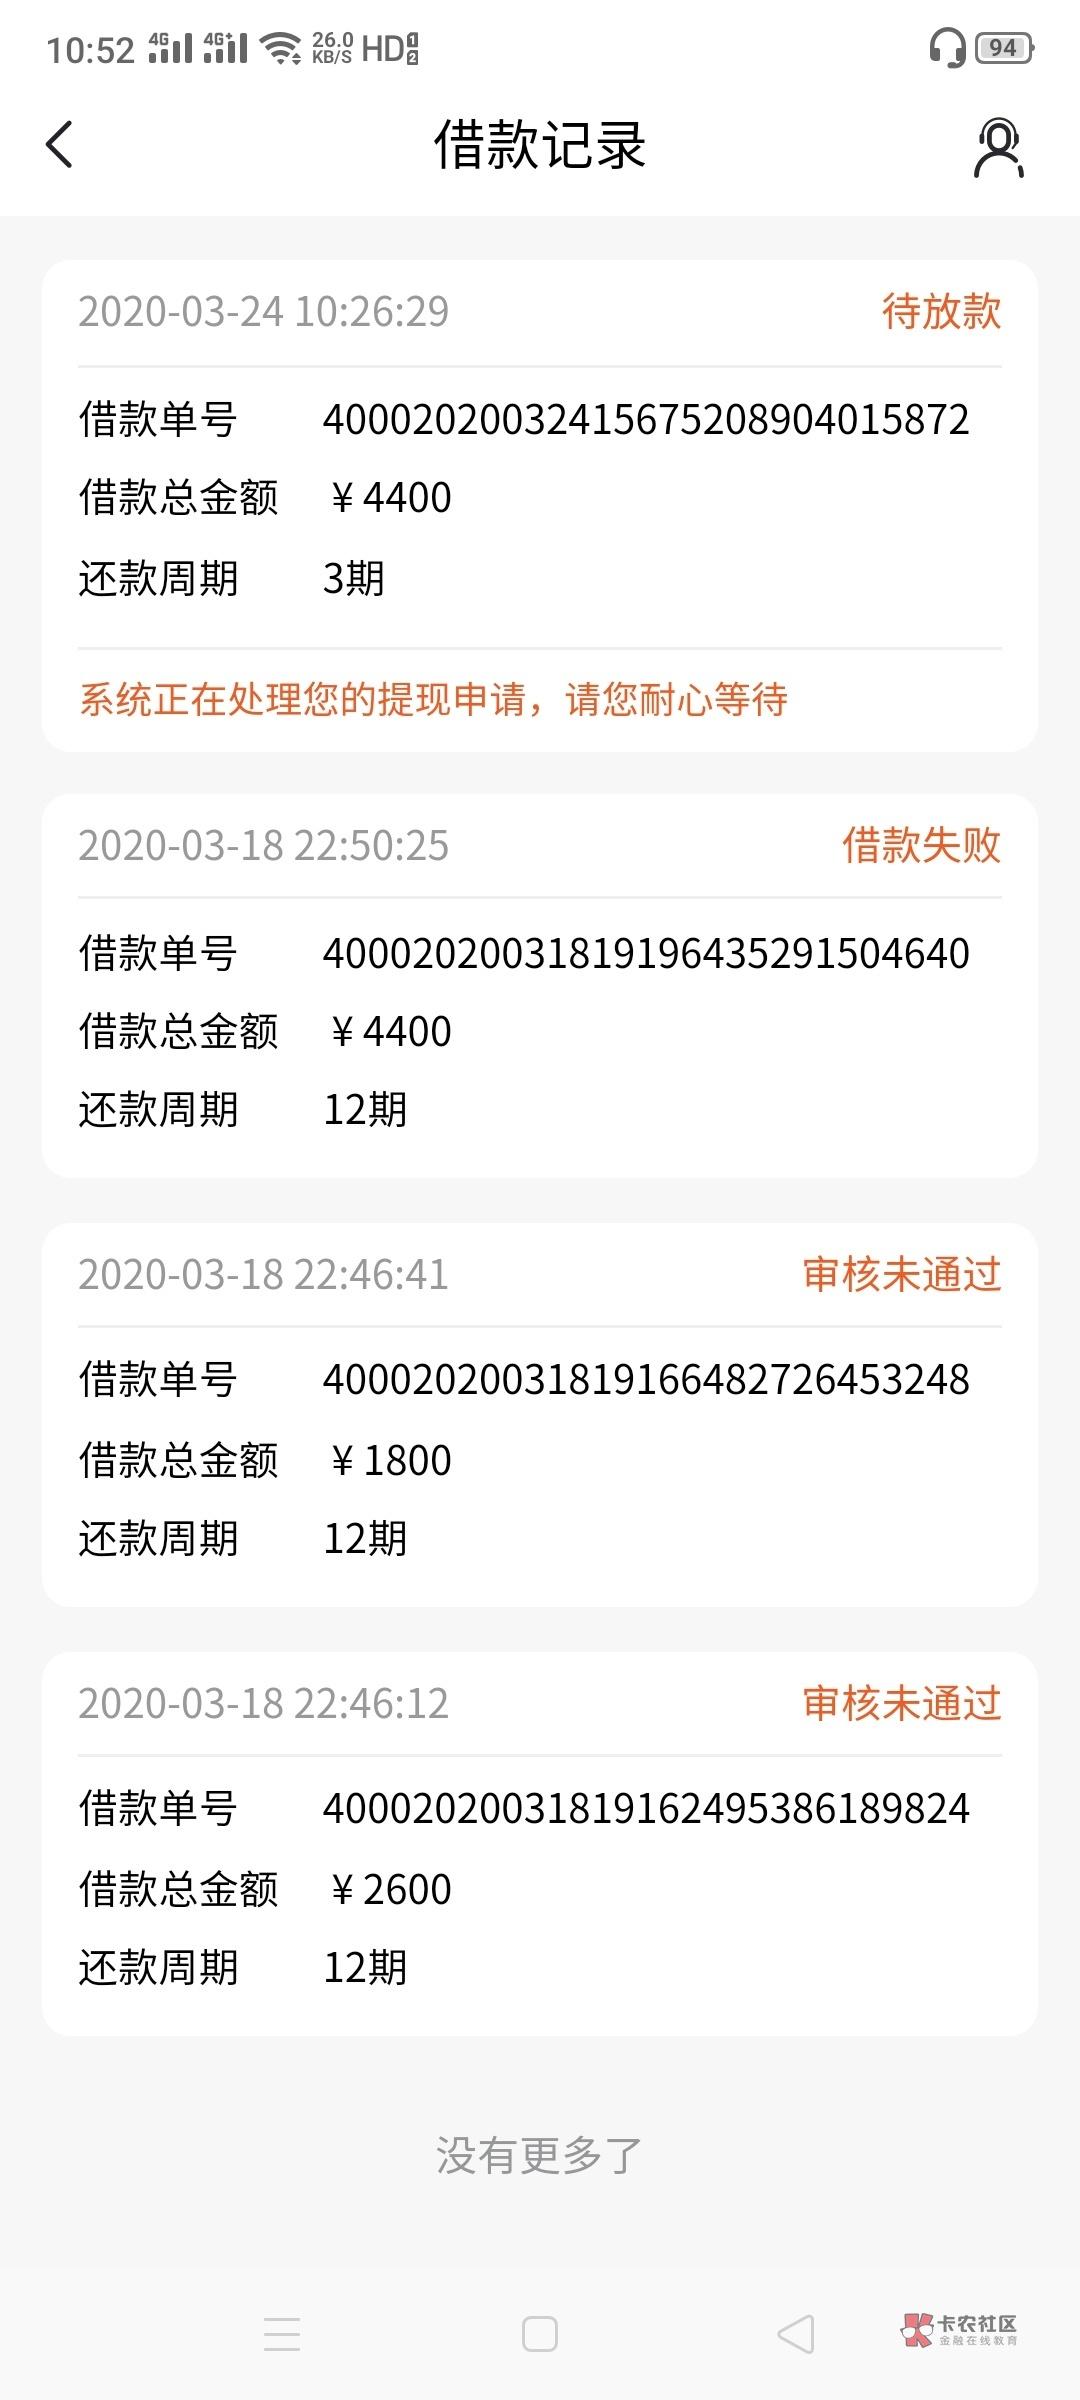 微博分期下款了,从申请到下款24分钟,第一次申请时候分的十二期,放款6天后失败了,6 / 作者:小撸怡情1823 /